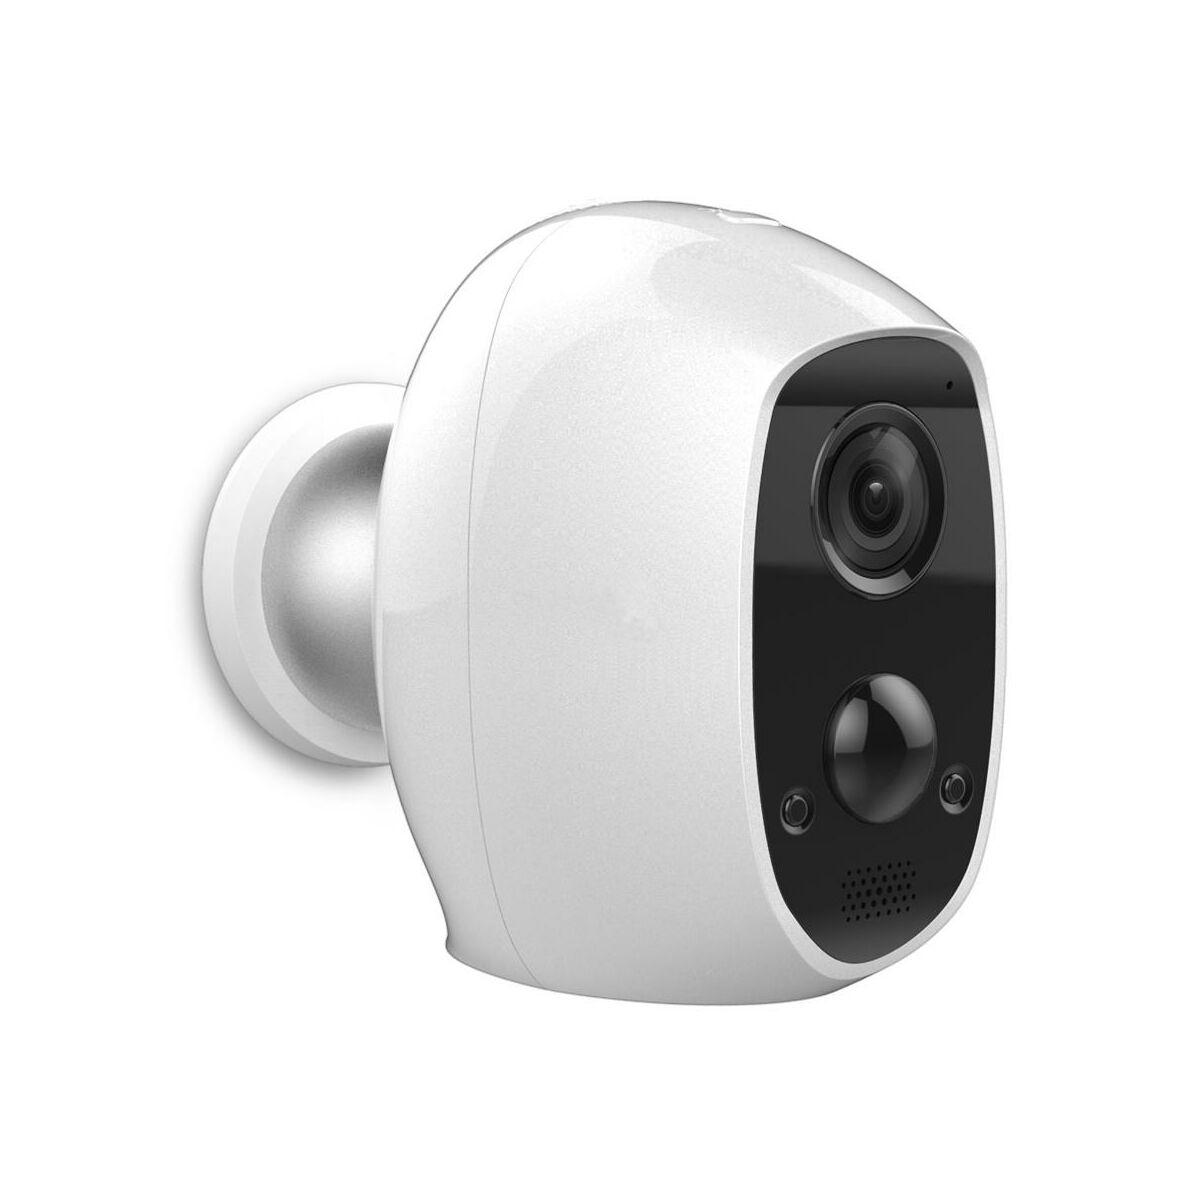 Kamera Zewnetrzna Wifi C3a Ezviz Zestawy Obserwacyjne W Atrakcyjnej Cenie W Sklepach Leroy Merlin